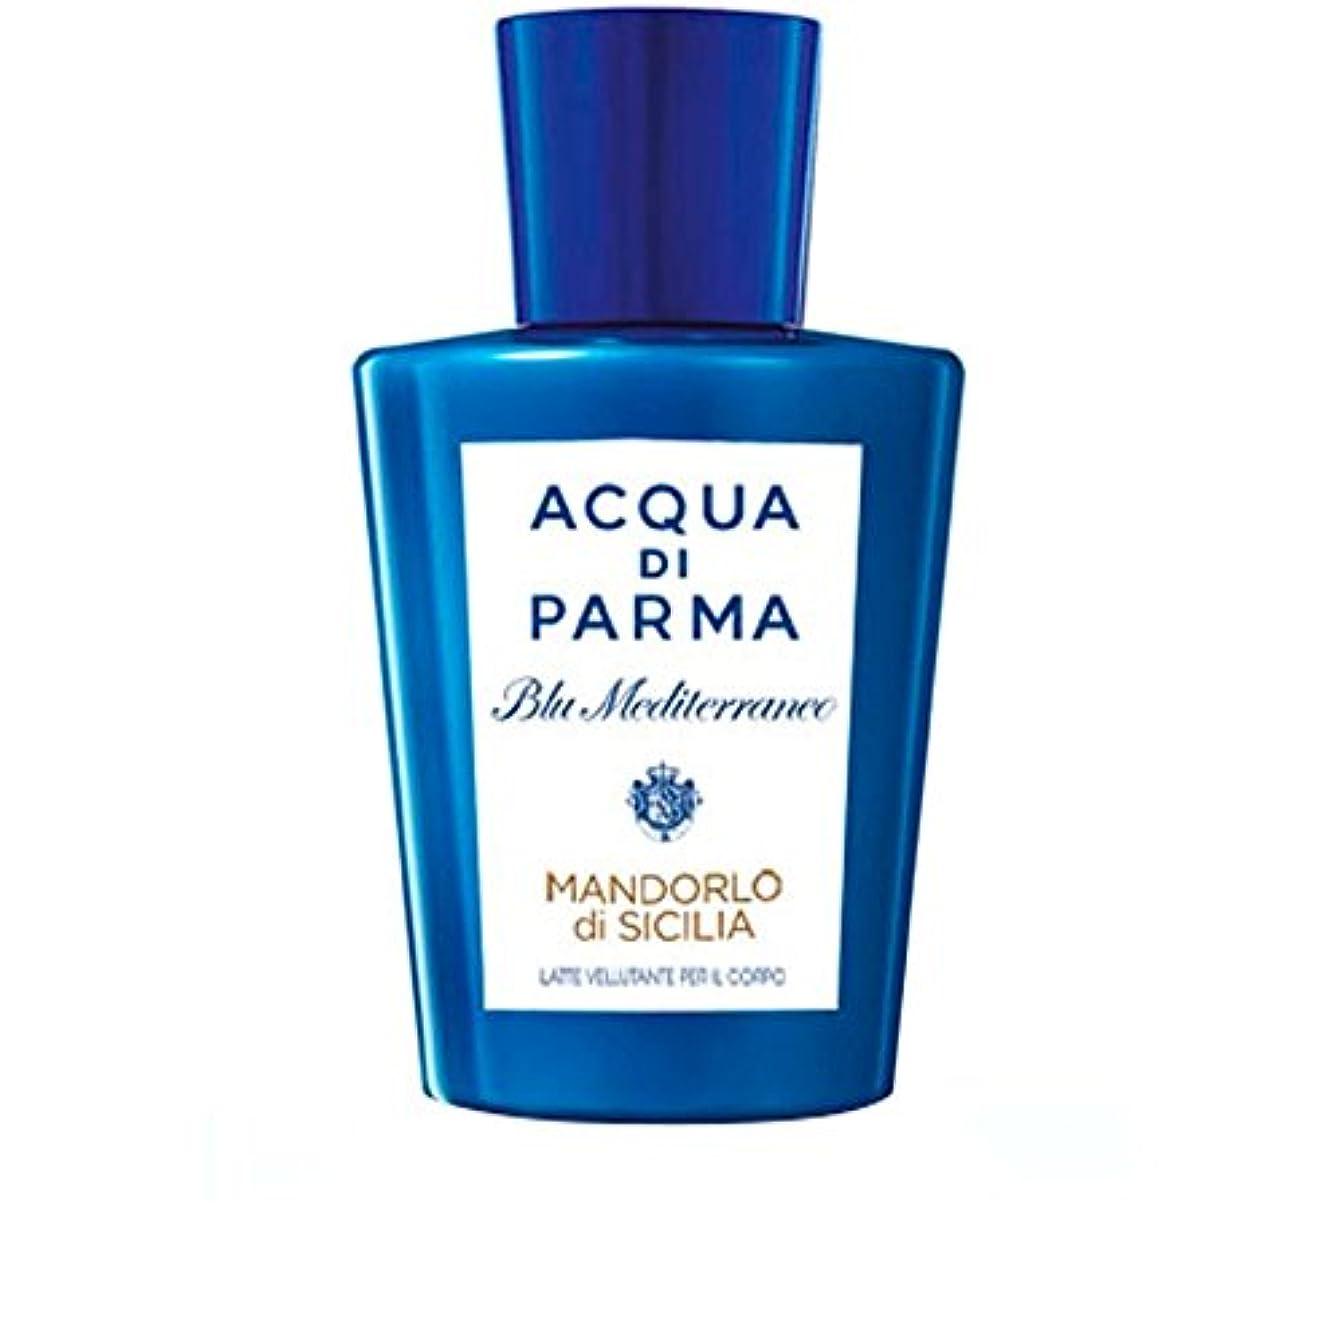 フランクワースリー序文キャストアクアディパルママンドルロ?ディ?シチリア至福のボディローション200 x2 - Acqua Di Parma Mandorlo Di Sicilia Pampering Body Lotion 200ml (Pack...